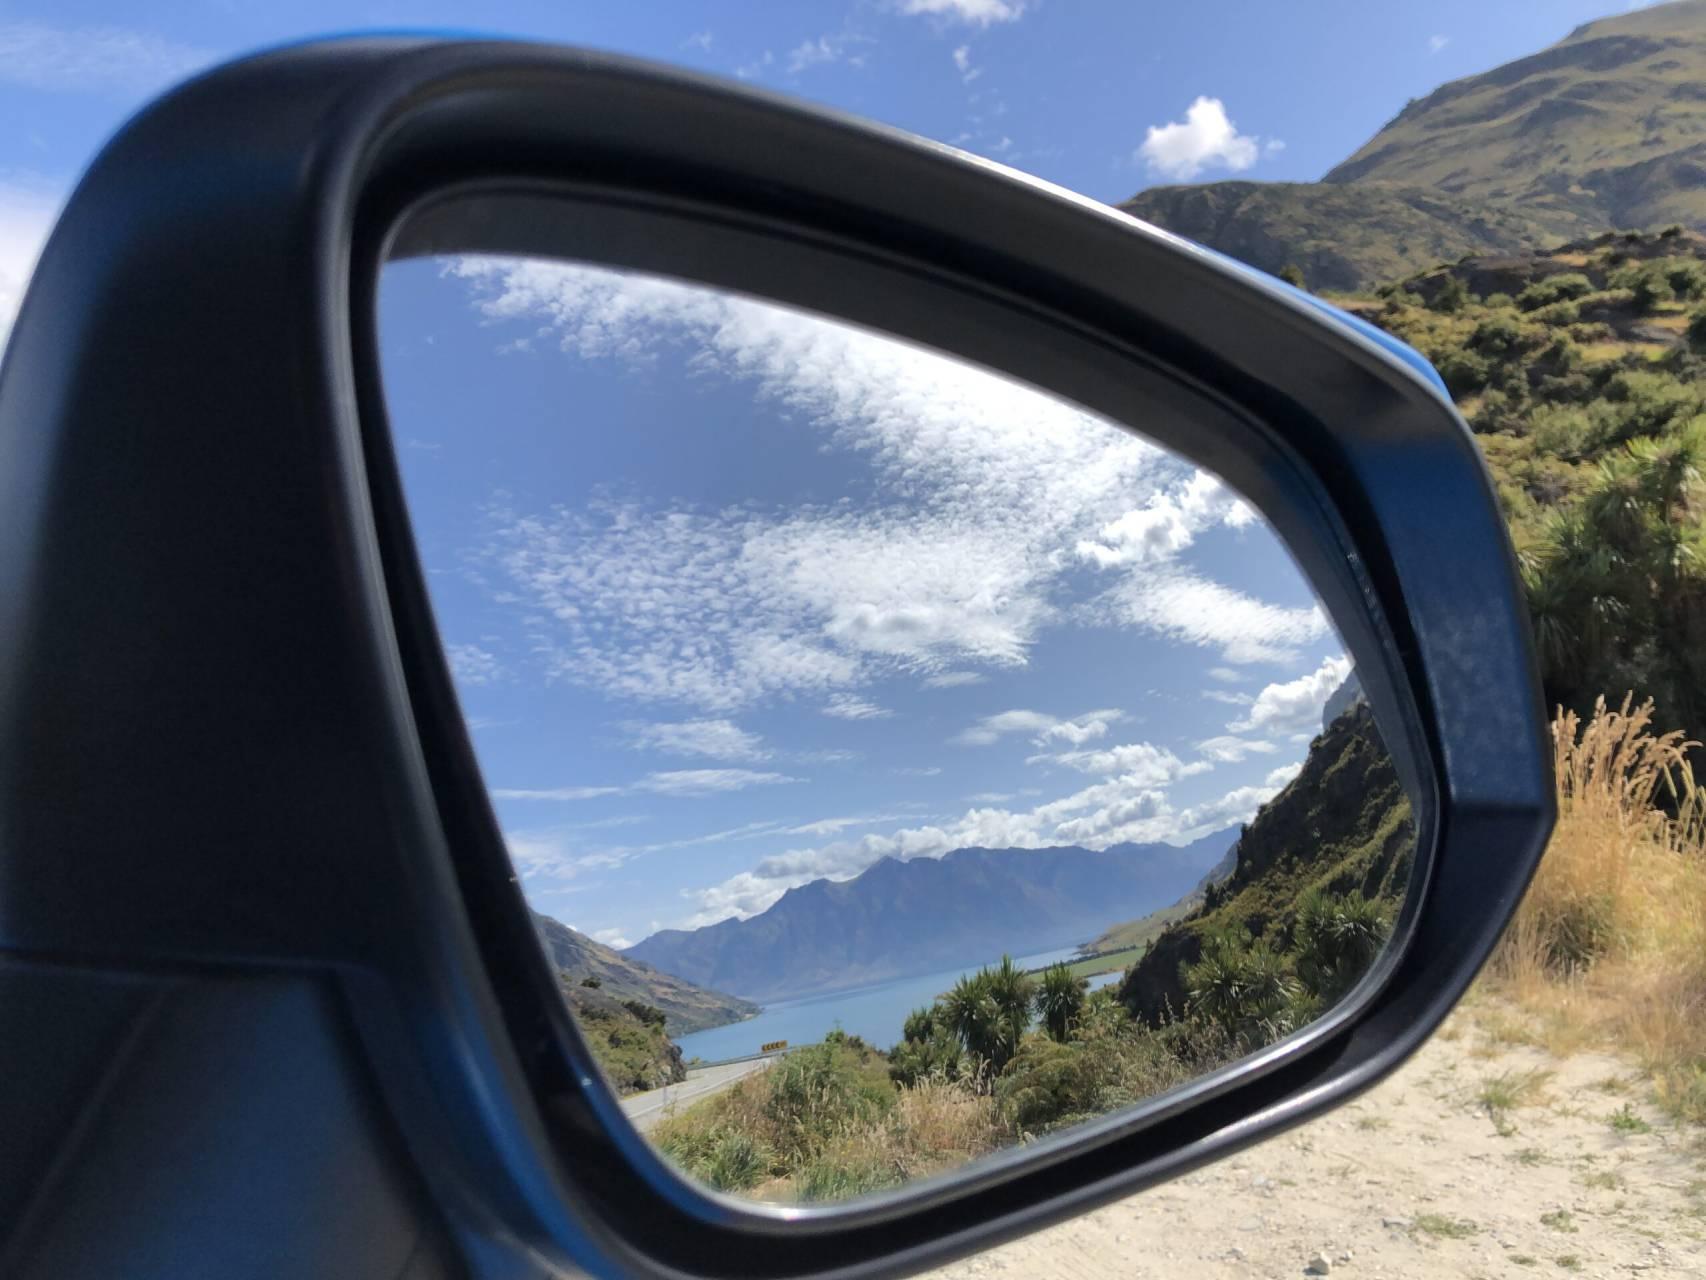 Nya Zeeländskt landskap i bilens sidospegel